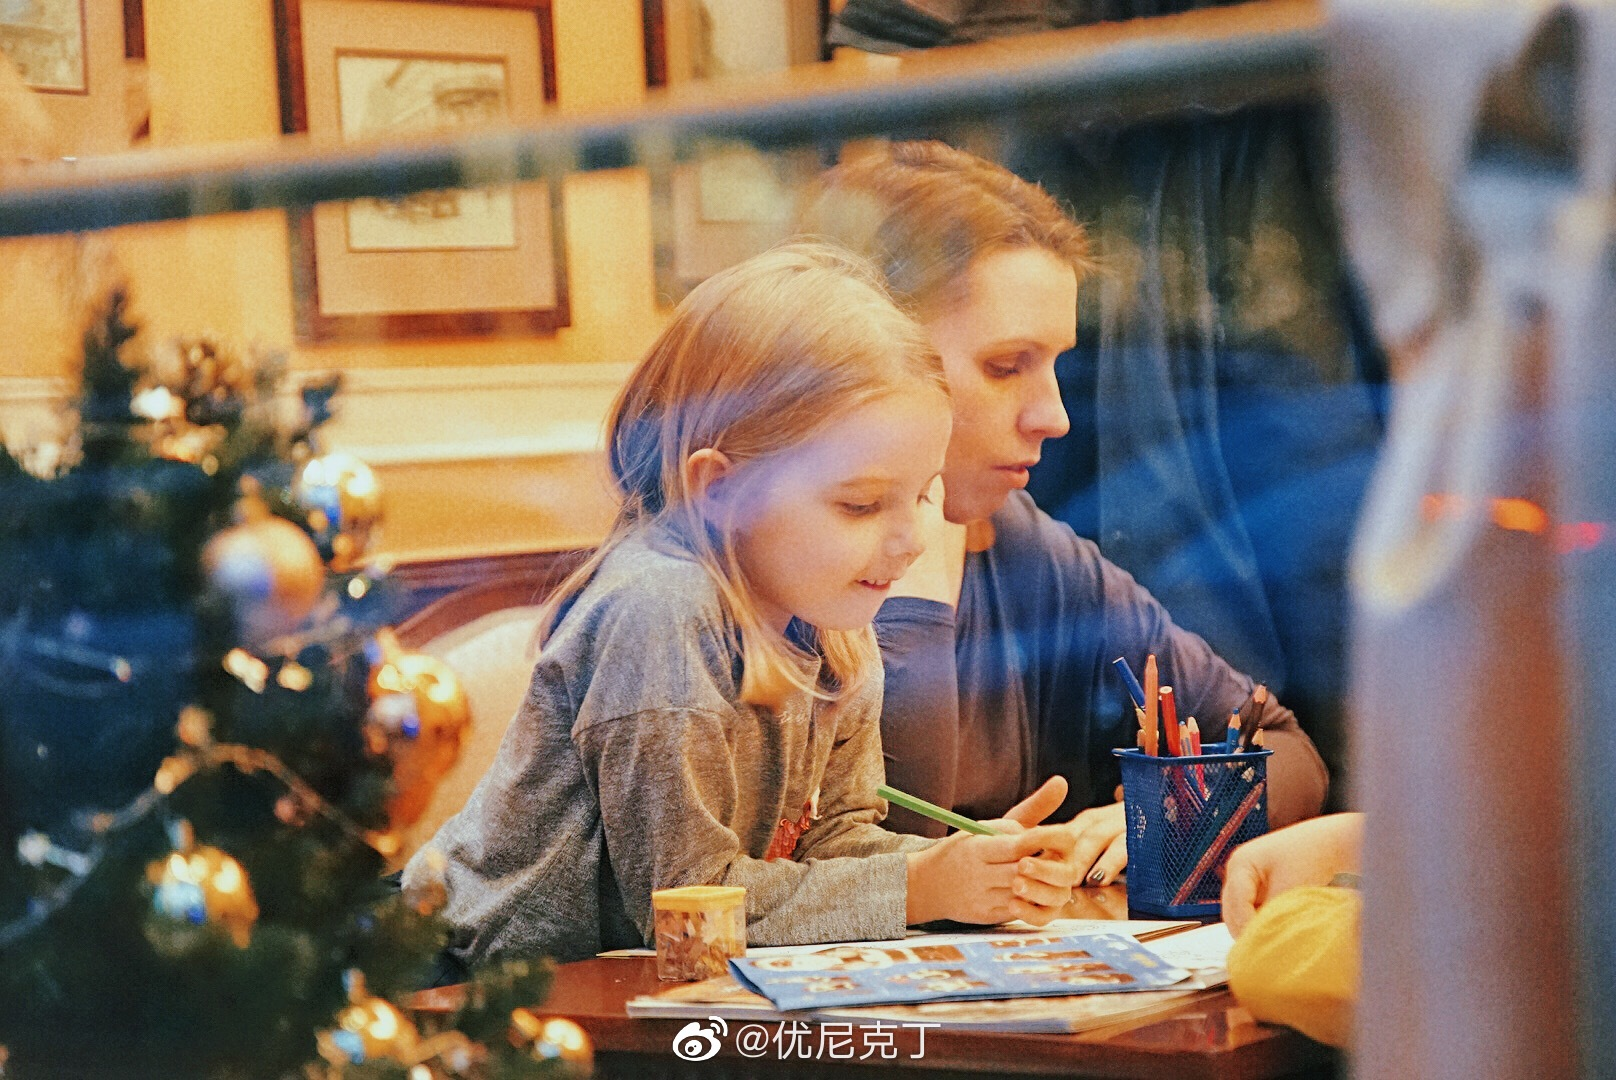 那年波兰华沙的圣诞餐—————————话说圣诞节🎄快到啦你